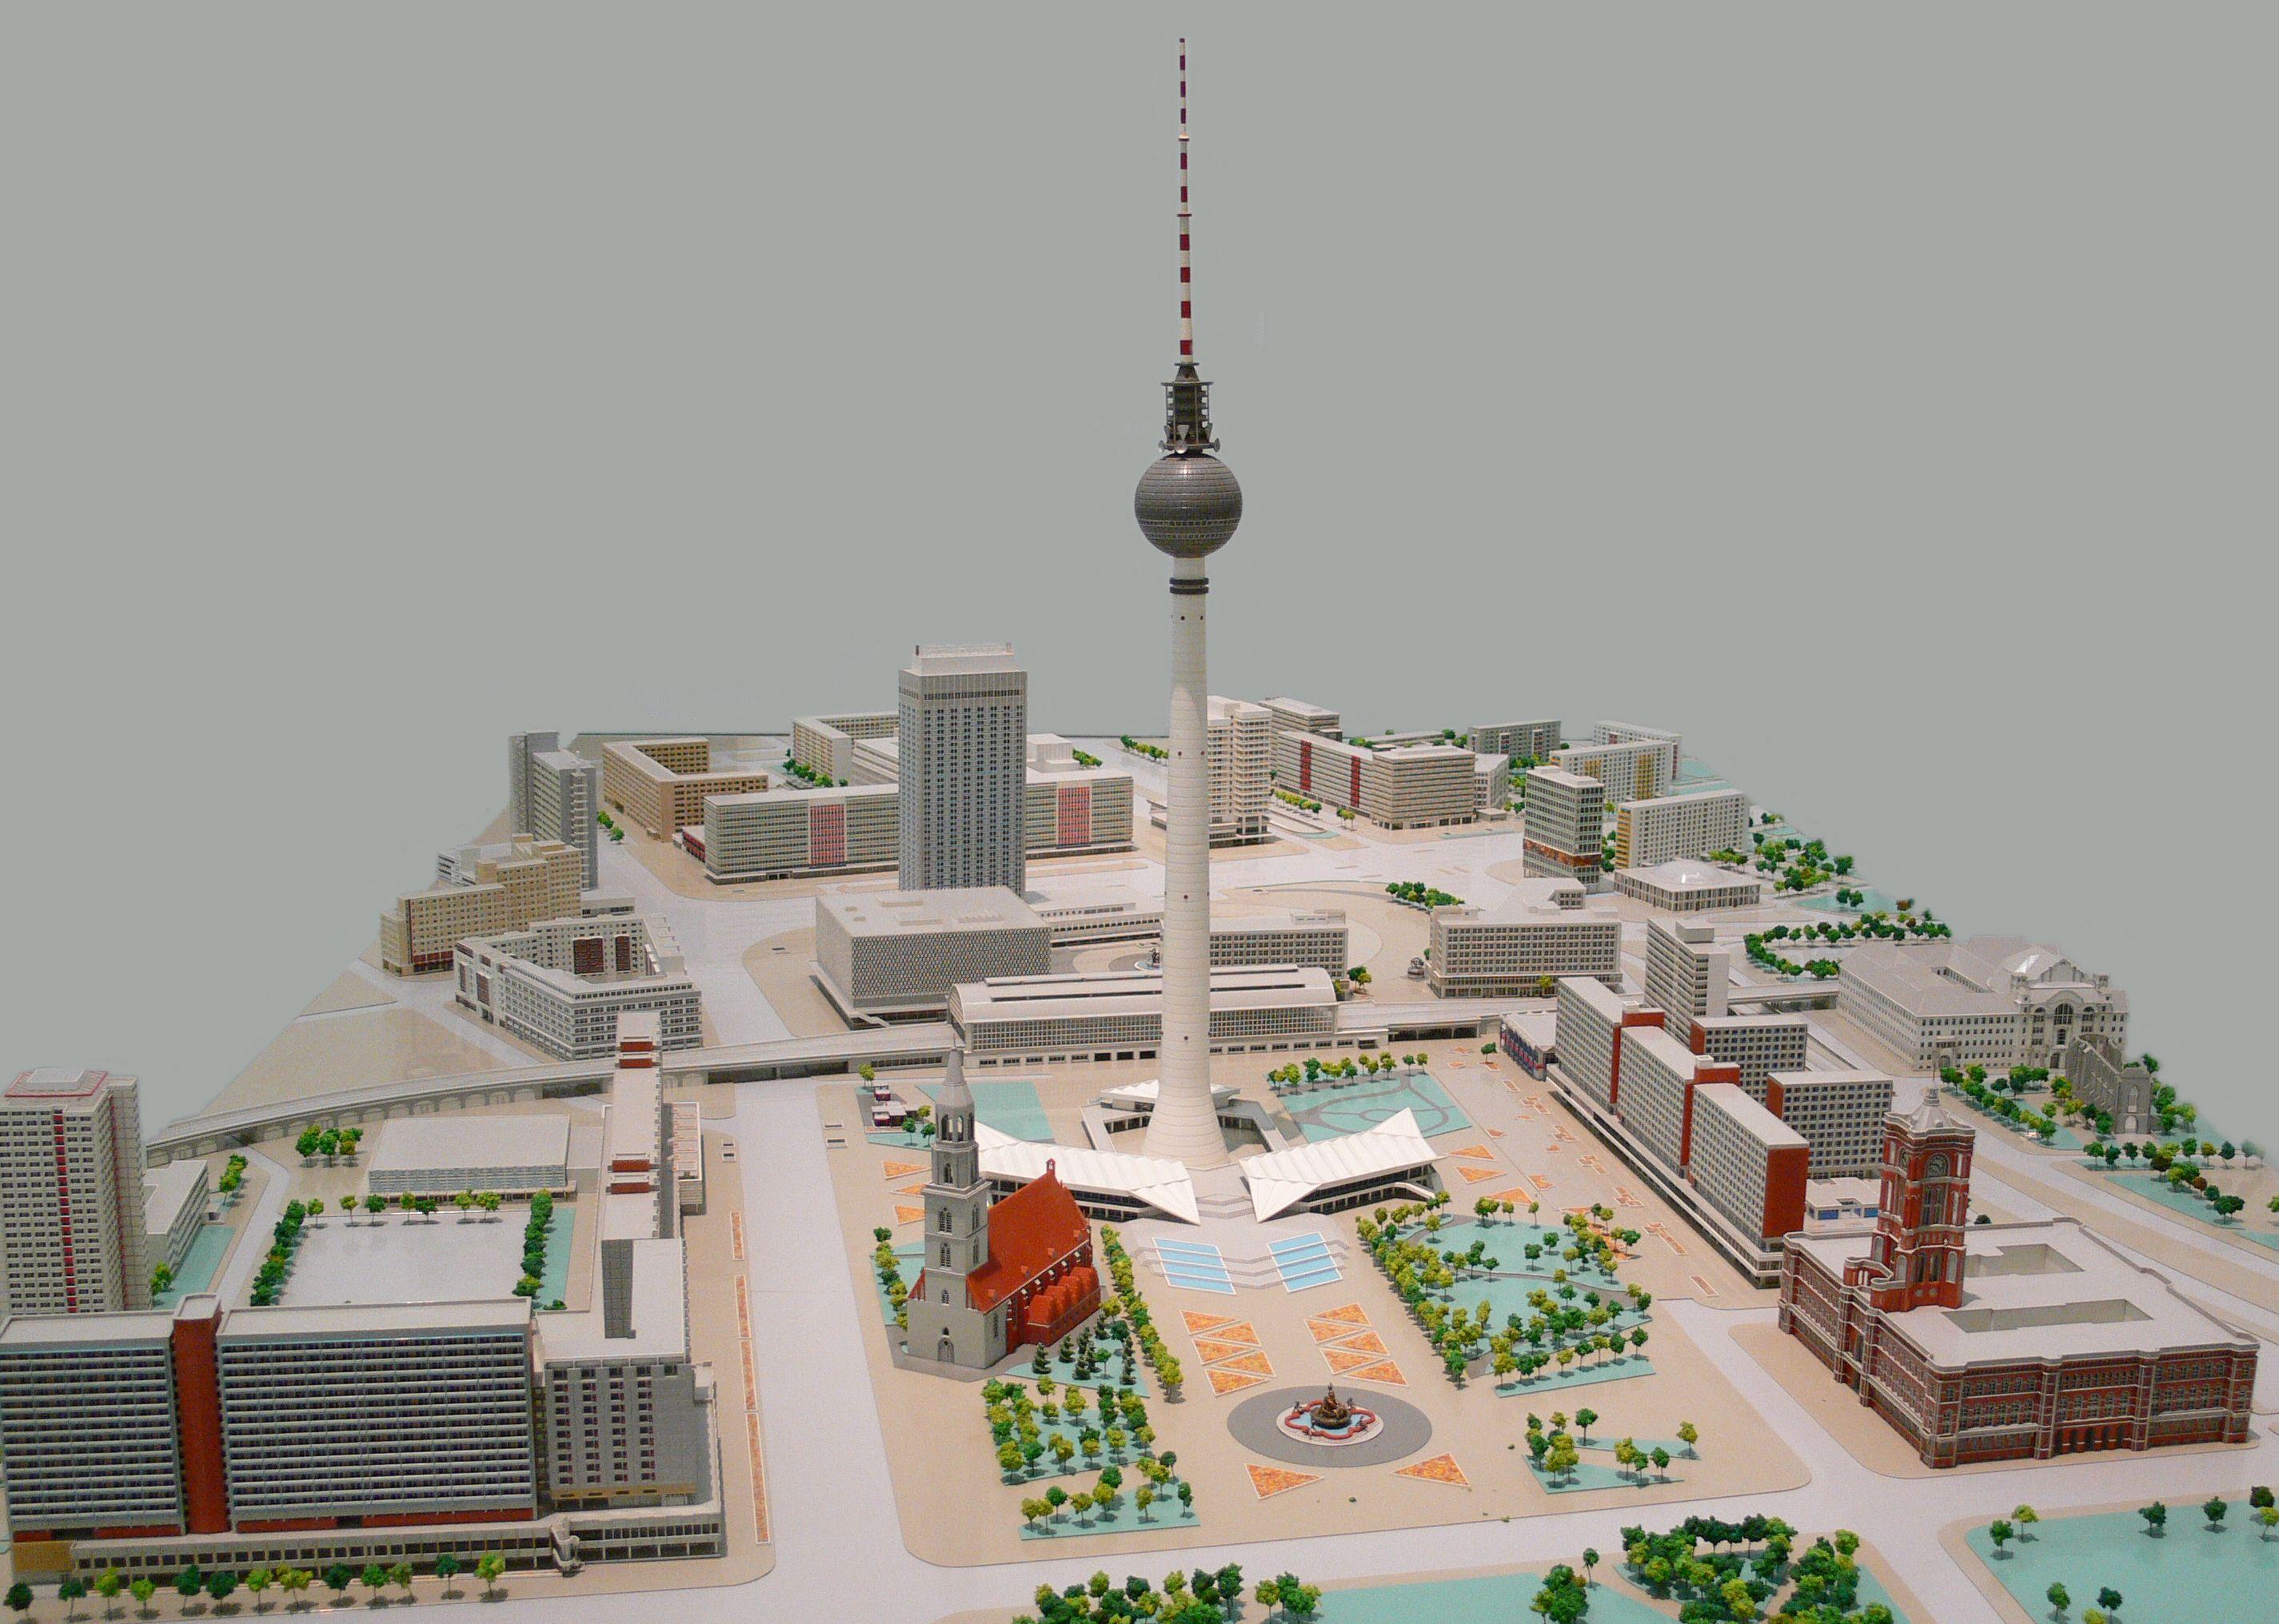 """Planmodell der DDR """"Zentrumsbereich Ost-Berlin"""", Marx-Engels-Forum bis Alexanderplatz, 1987"""